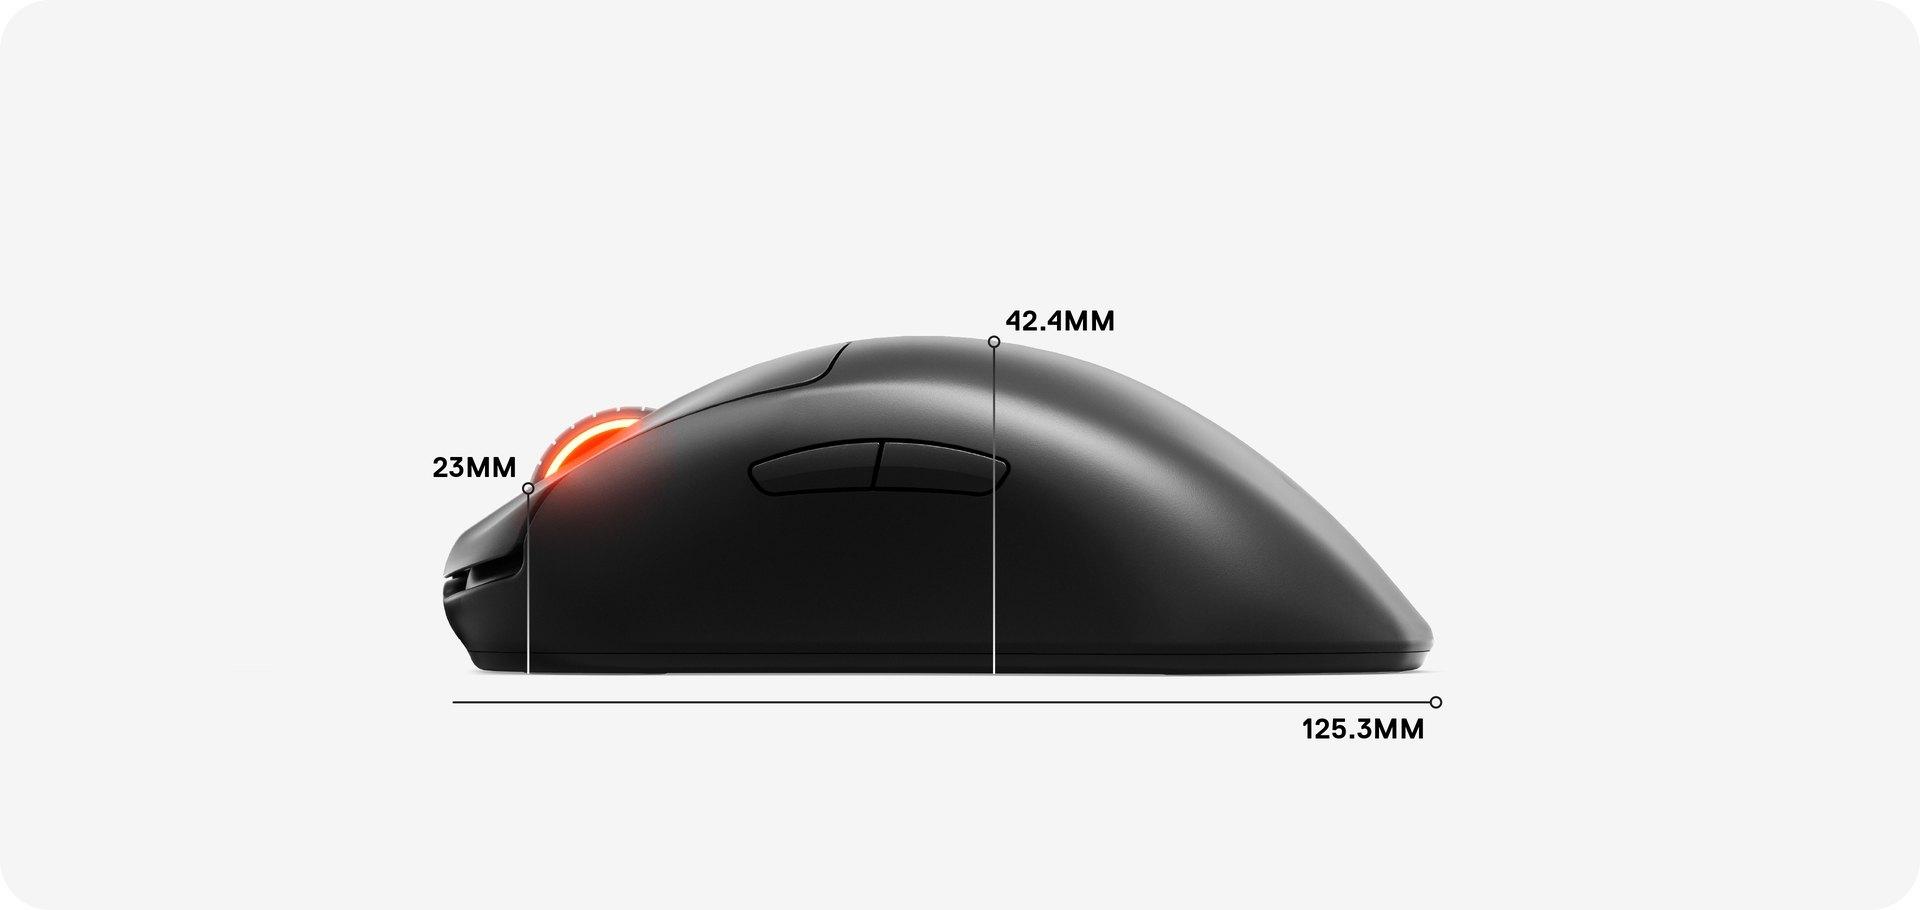 Dimensionen der Maus: 125,3mm Länge, 42,4mm von der Handballenauflage bis zur Unterseite und 23mm vom Scrollrad bis zur Unterseite.